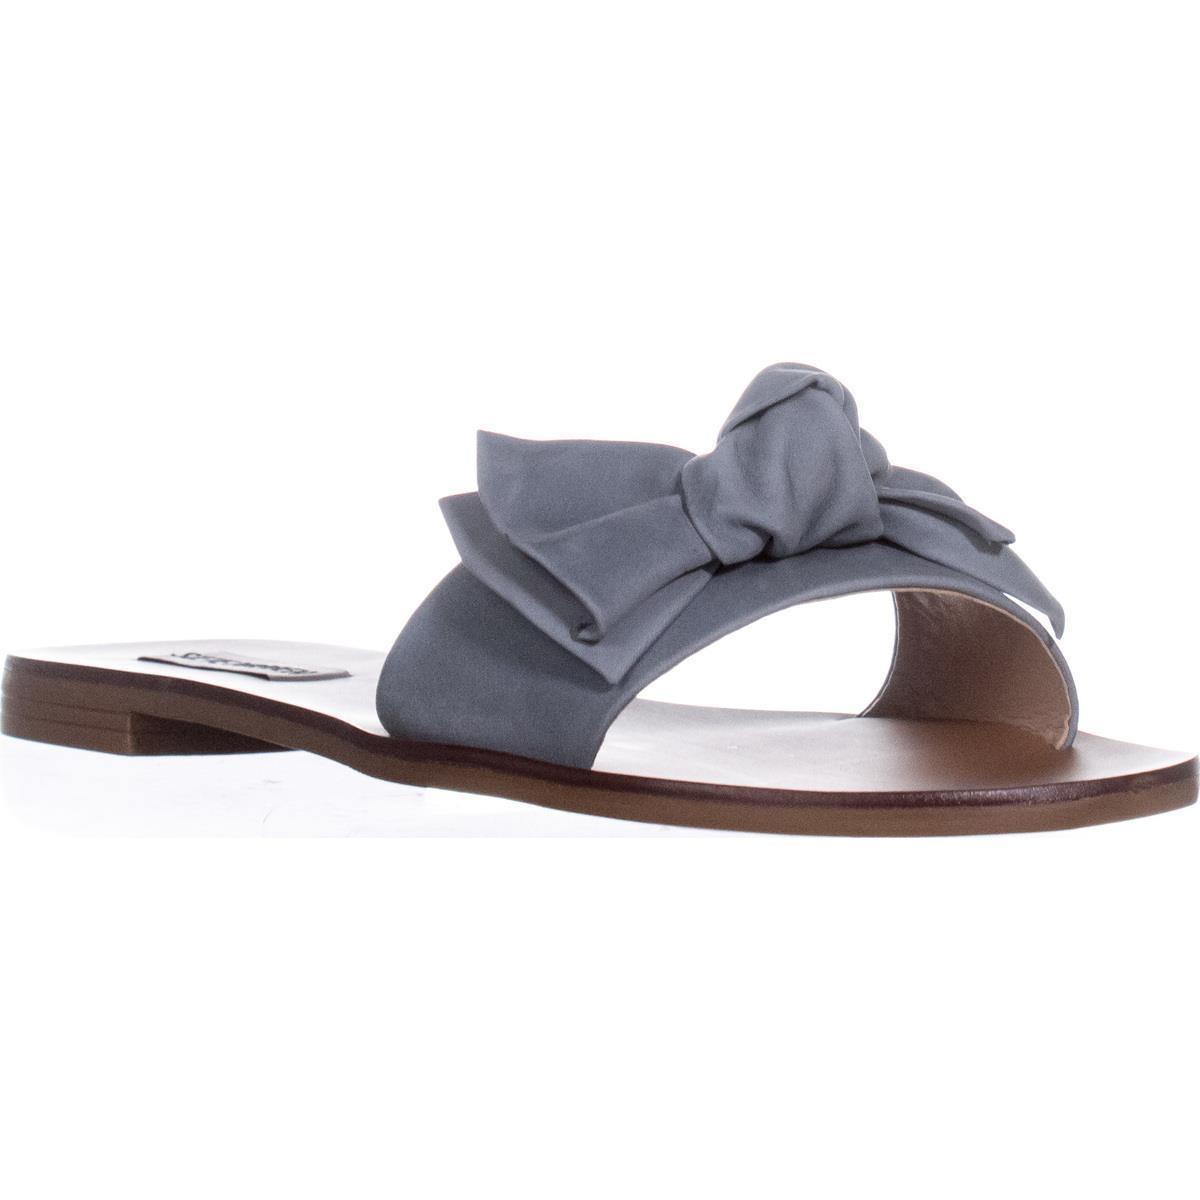 0abd2a2442019d Lyst - Steve Madden Knotss Flat Slide Sandals in Blue